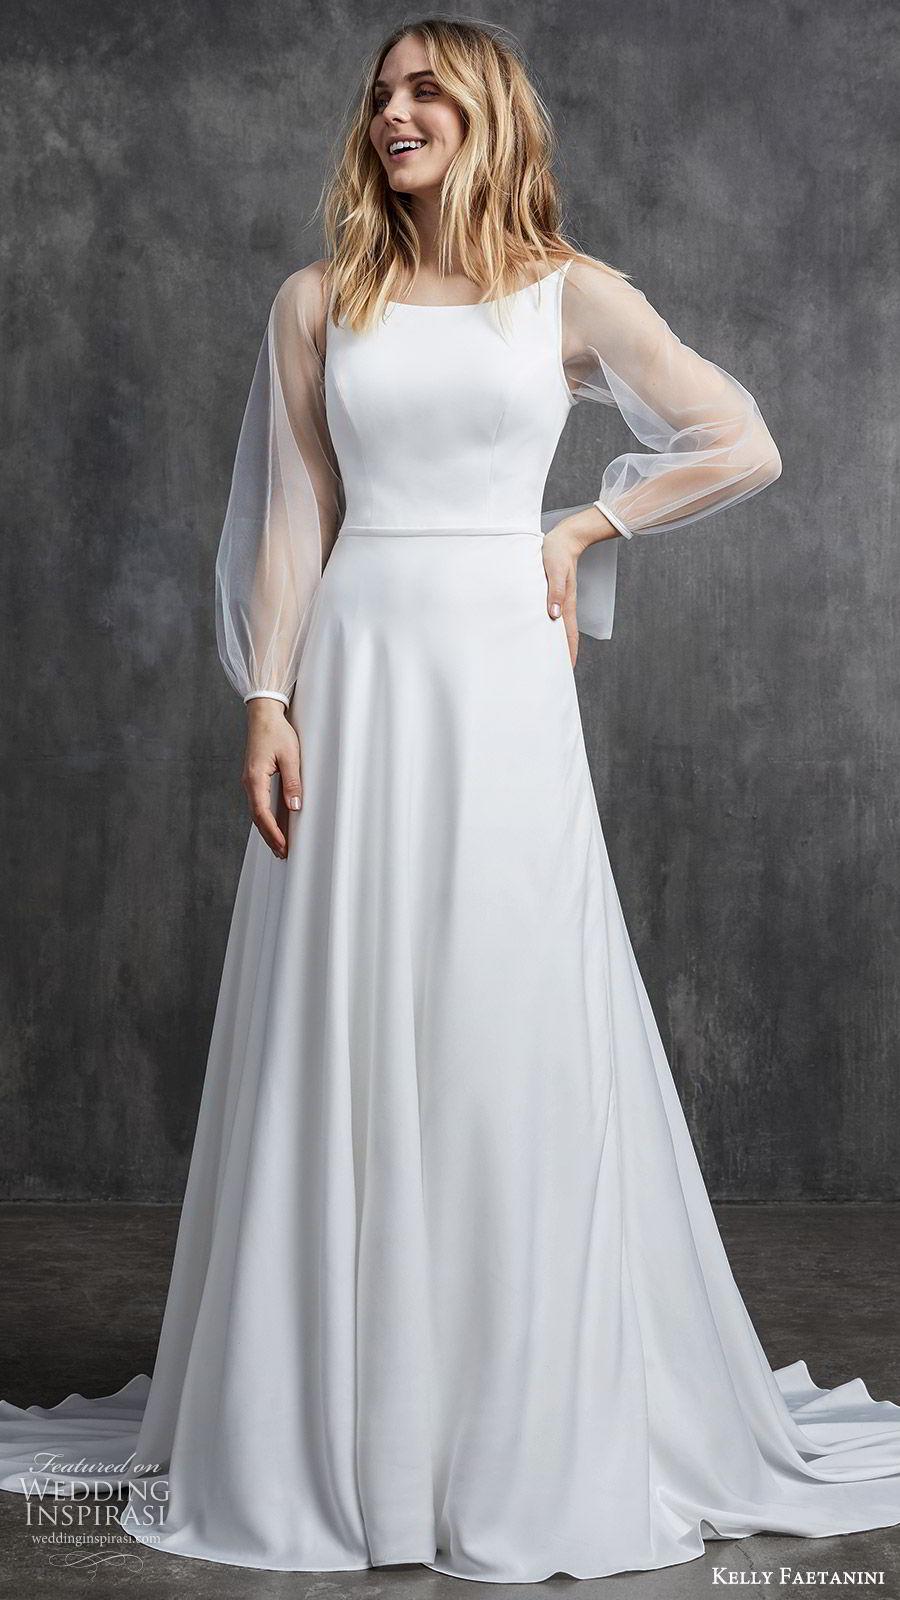 kelly faetanini spring 2020 bridal illusion bishop sleeves bateau neckline a line minimally embellished simple wedding dress (11) chapel train clean modern mv